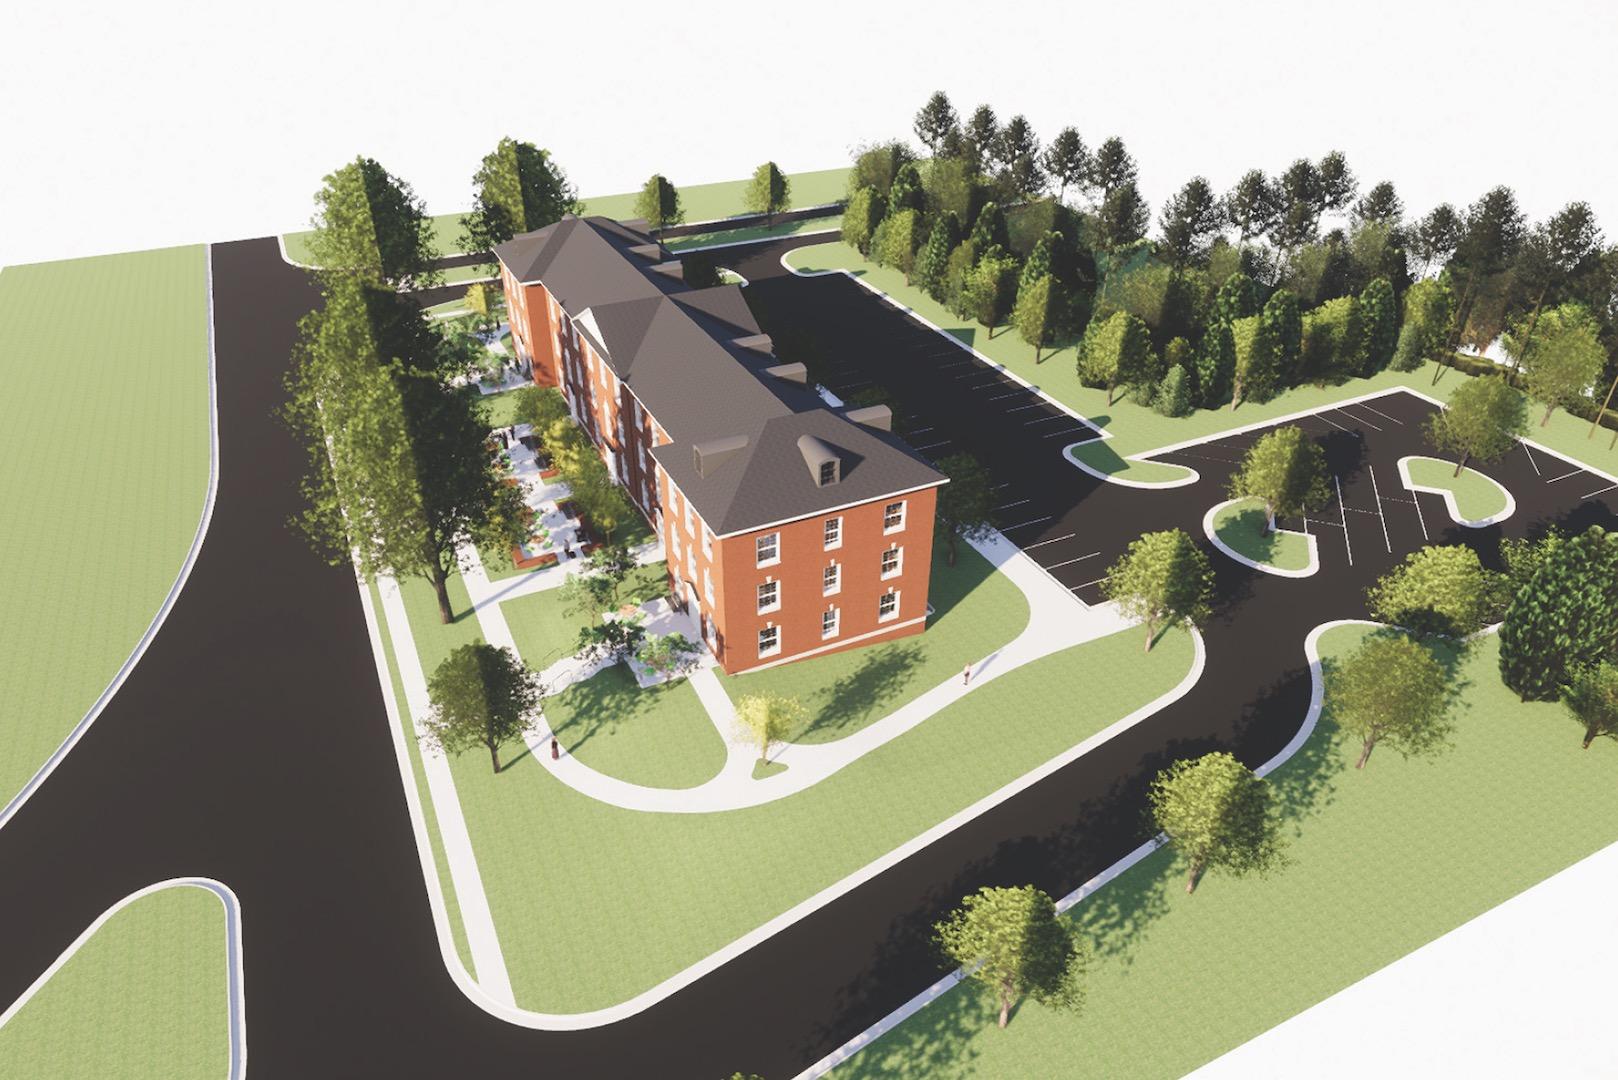 18 12 06 Simmons Concept Plans-exterior